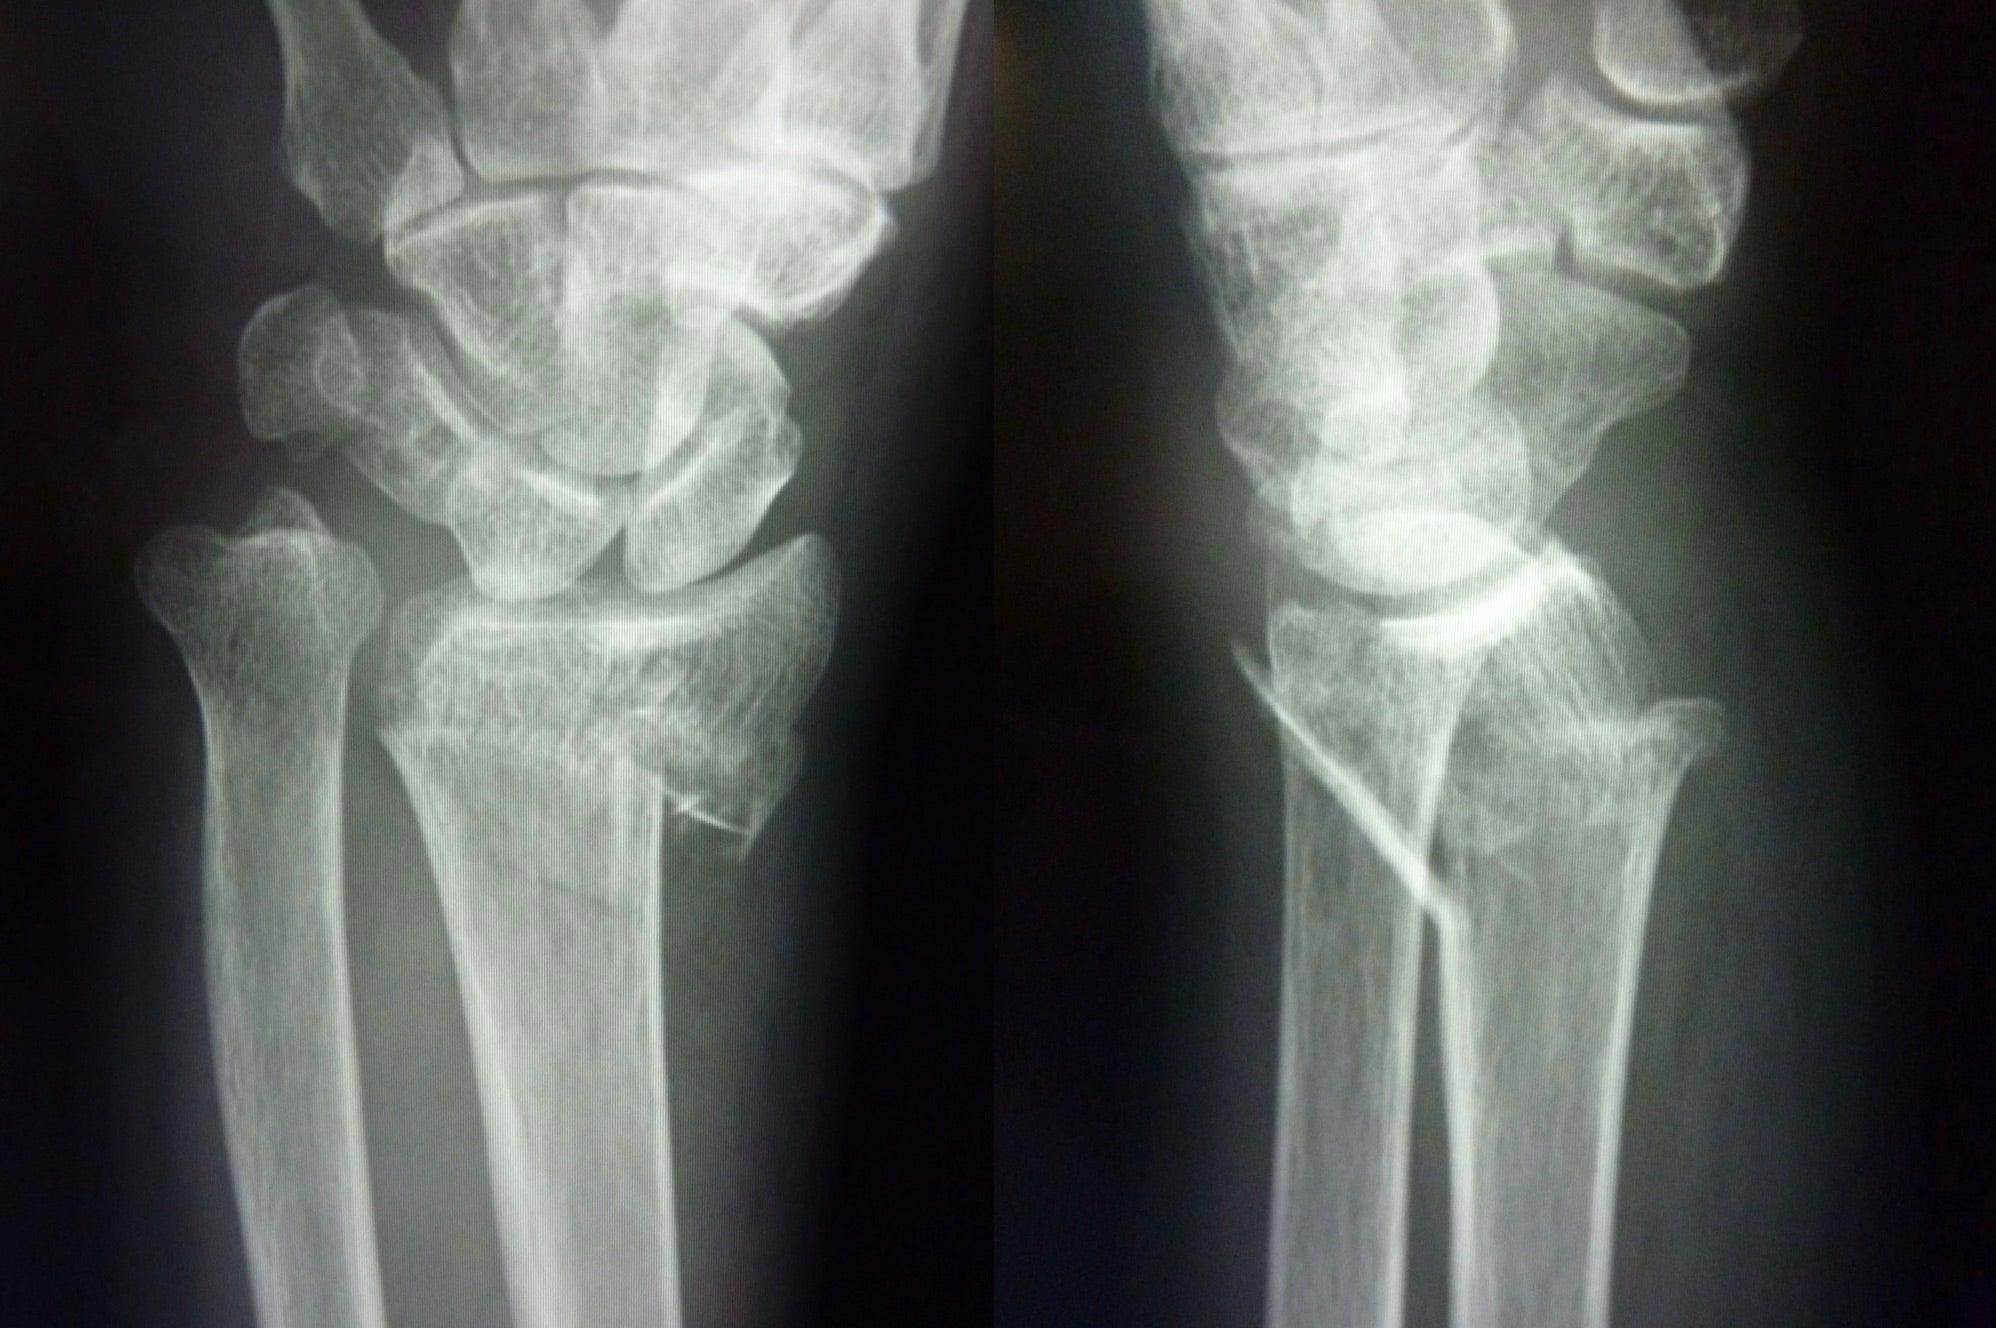 橈骨遠位端骨折、異常発生中 | ...